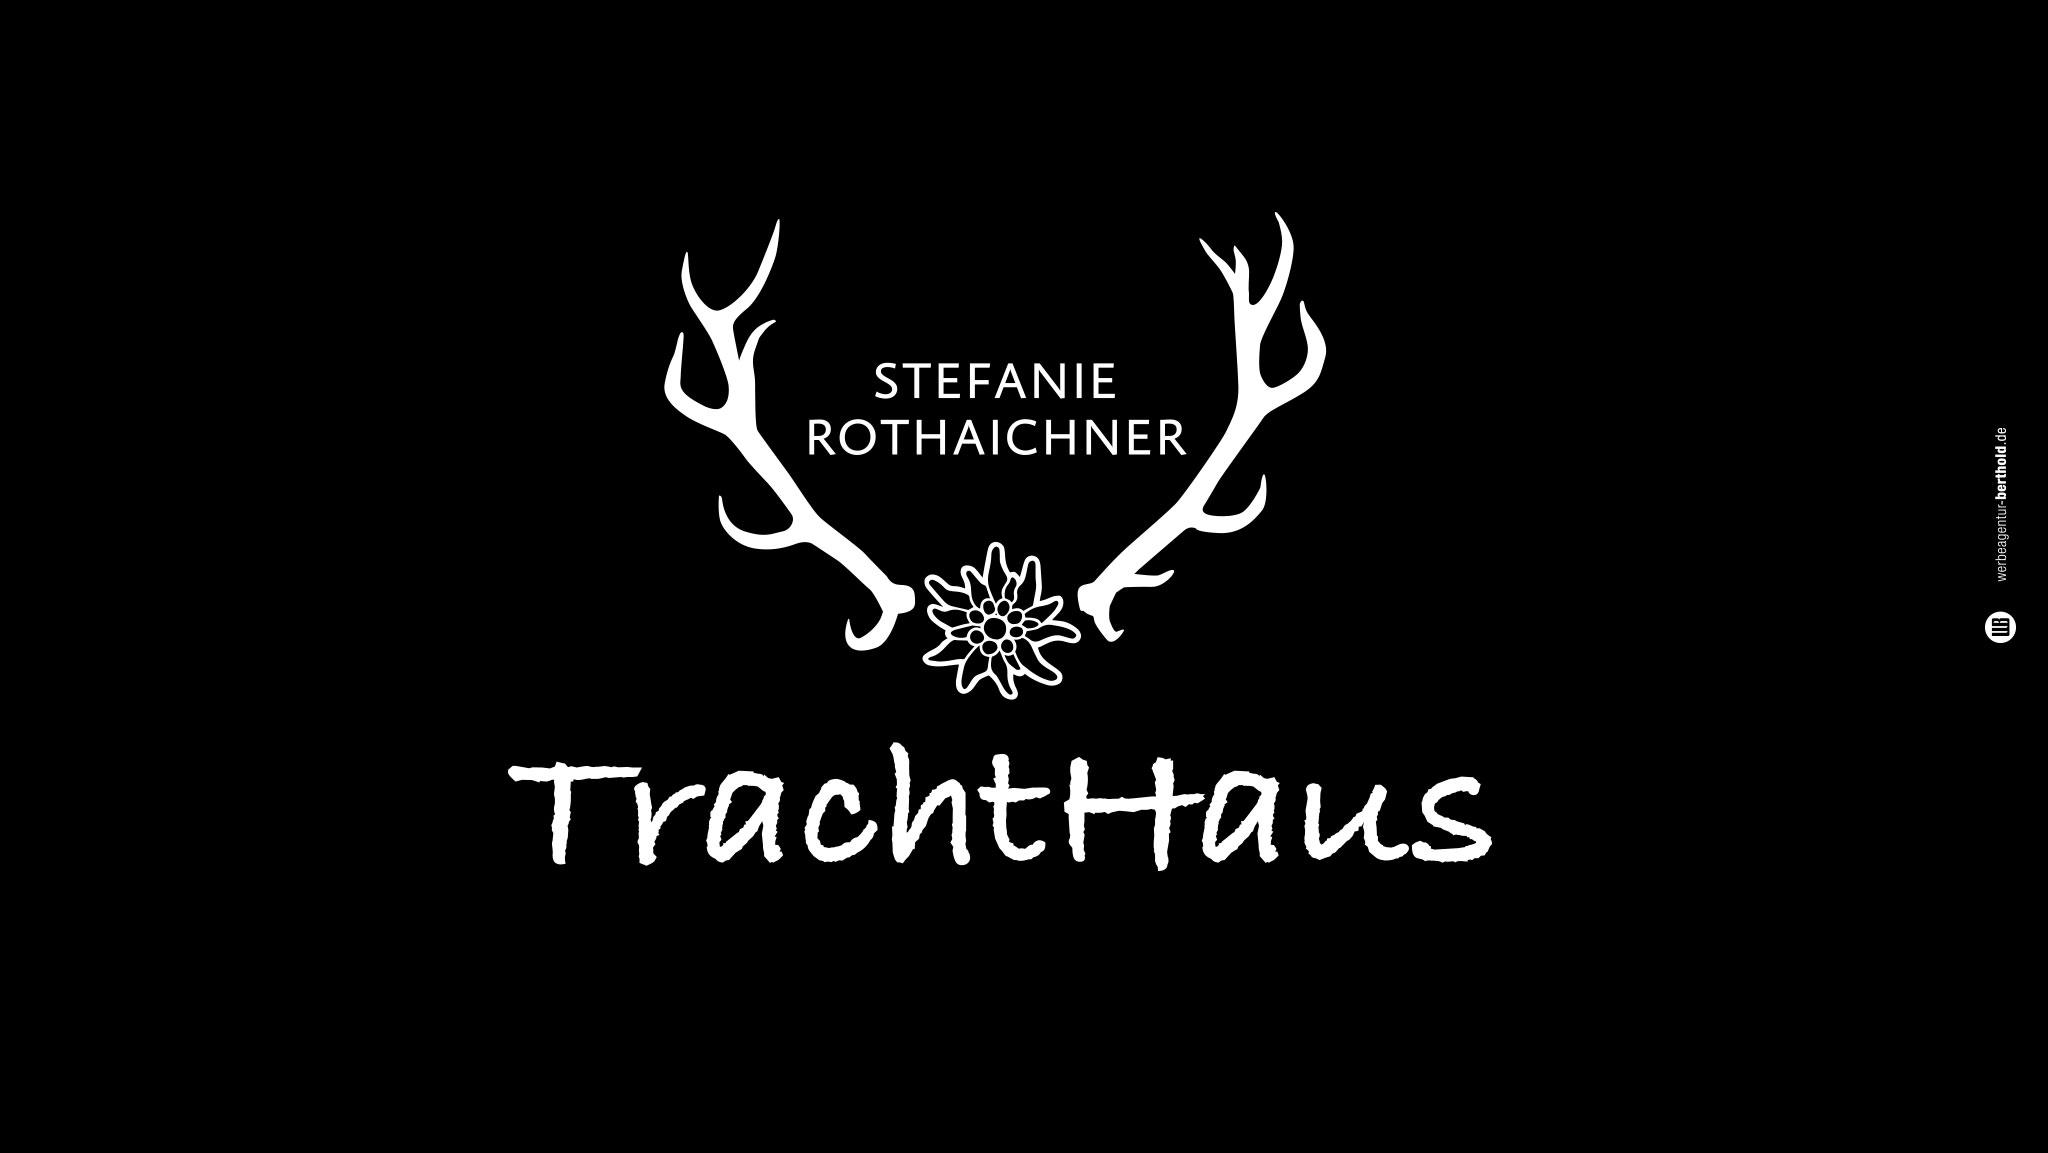 Trachthaus Stefanie Rothaichner Logodesign, CI, Website